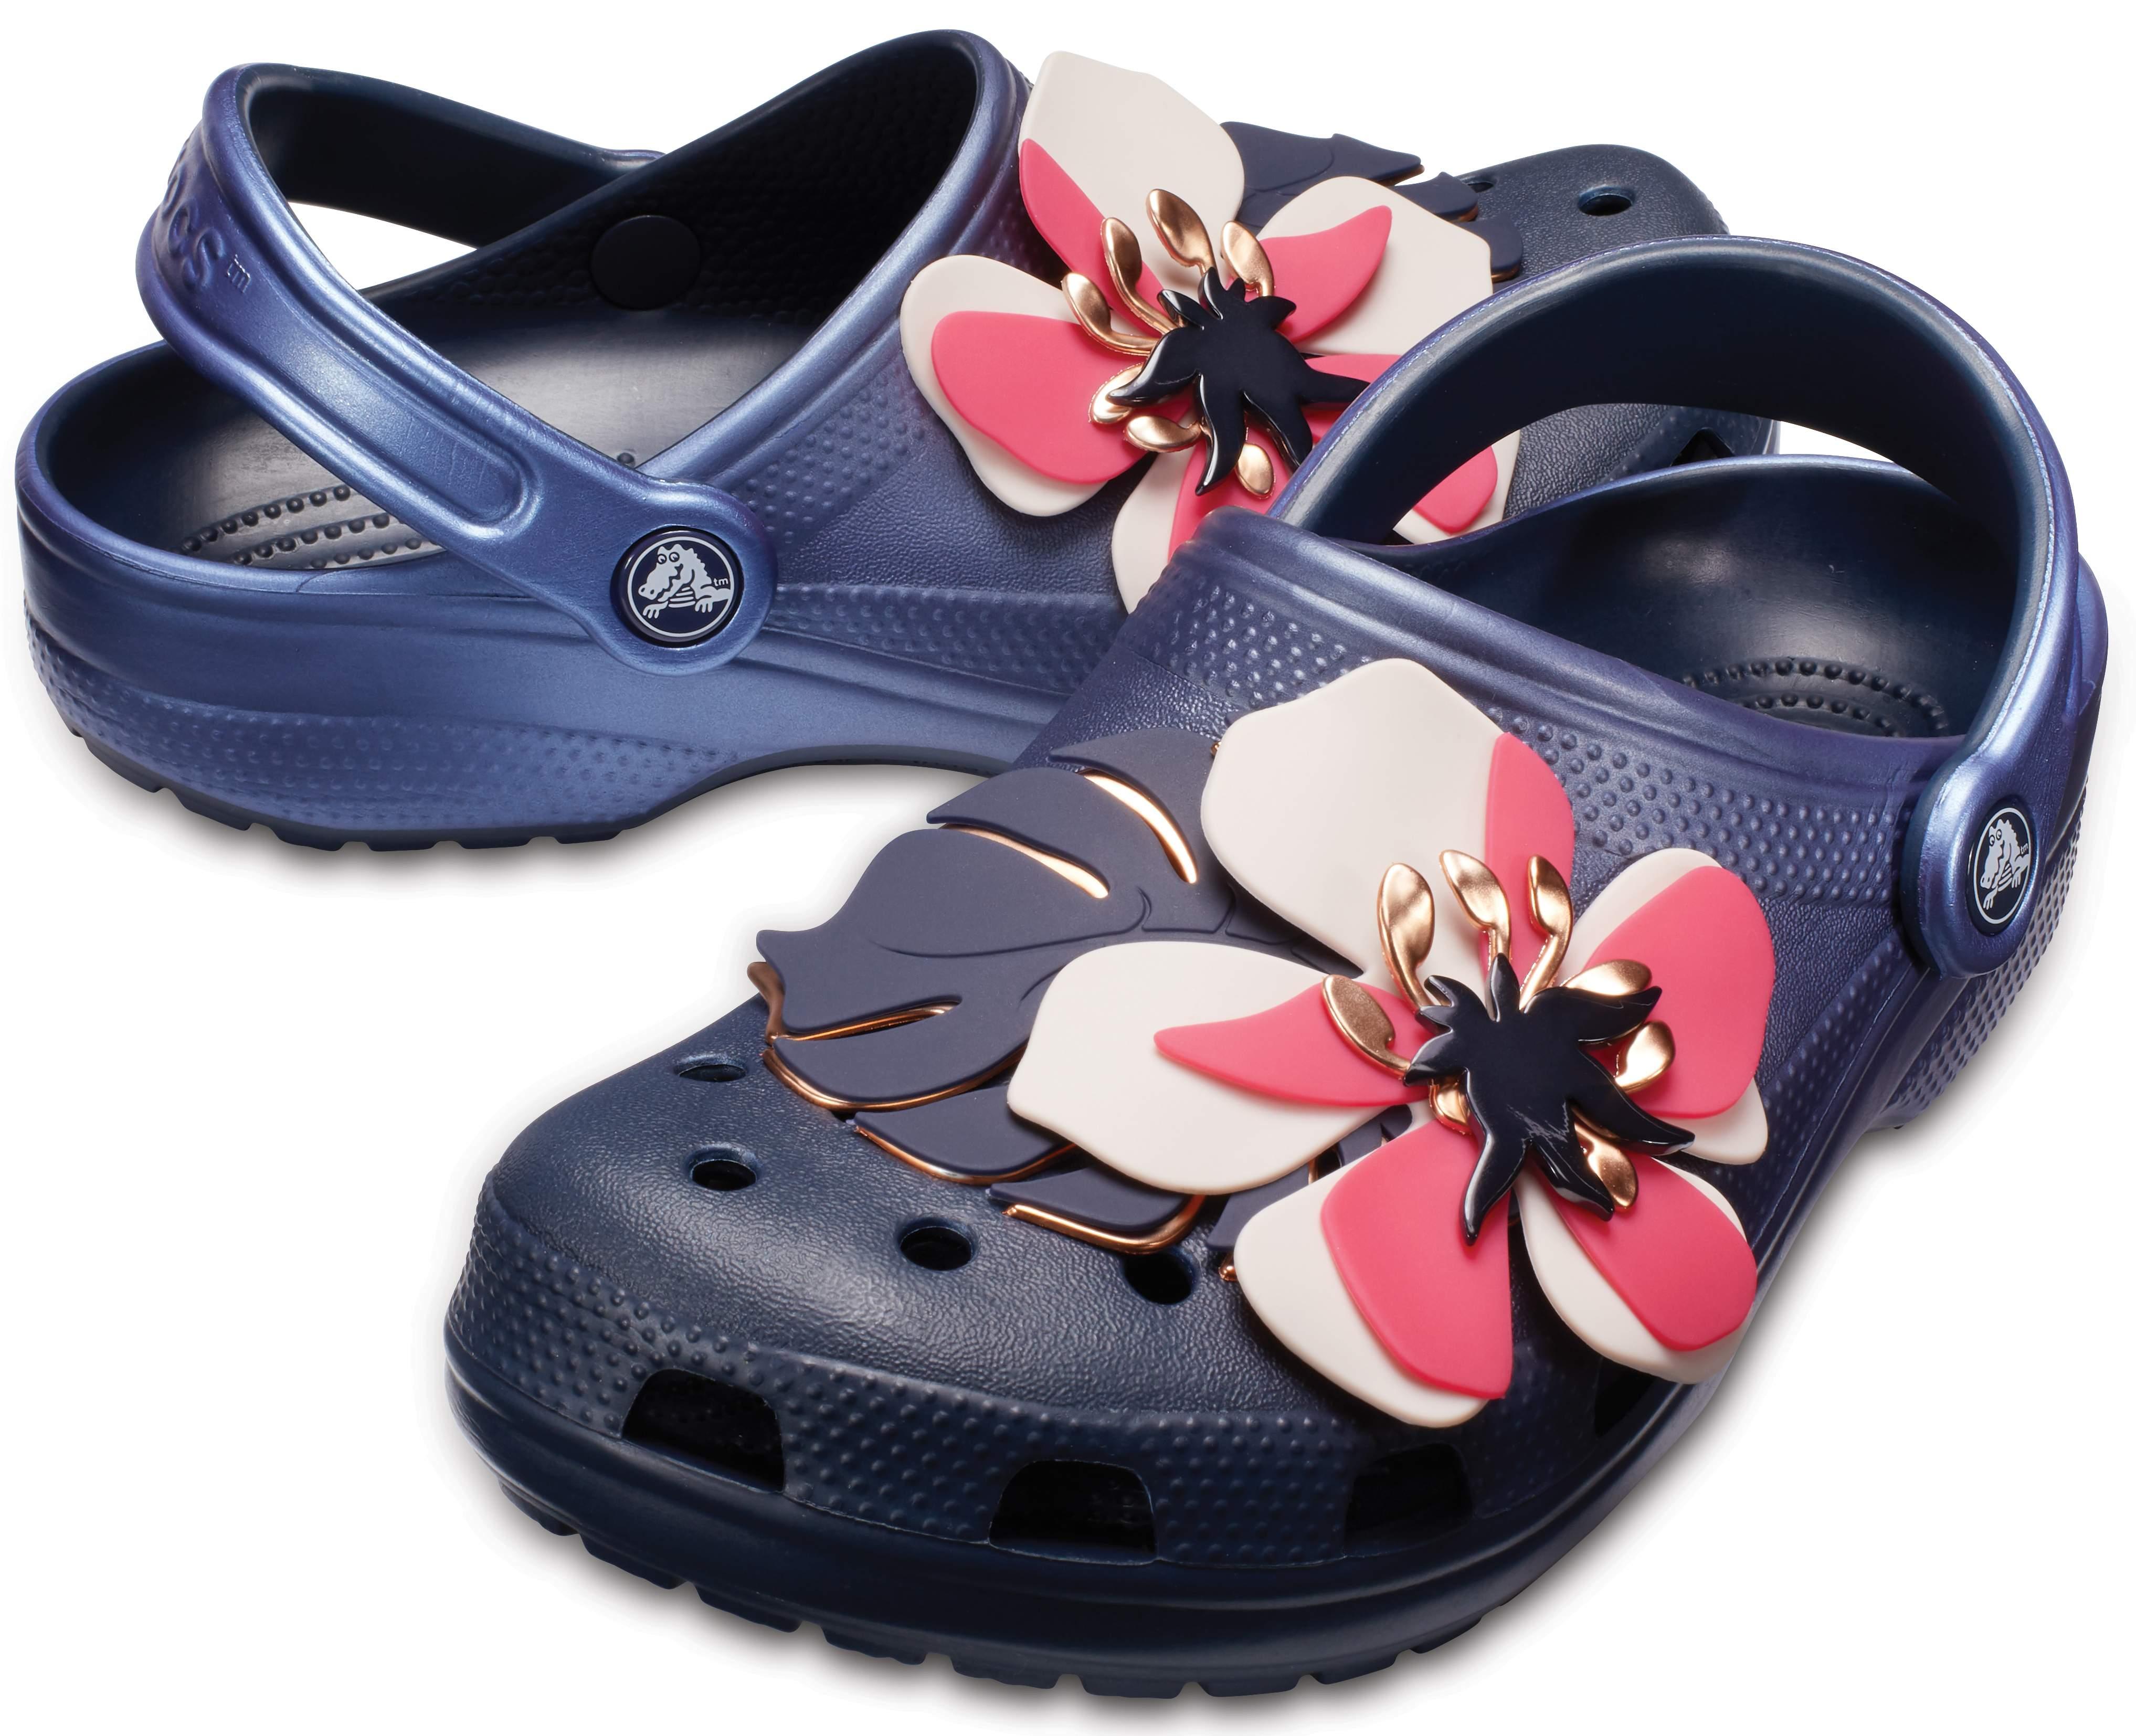 【クロックス公式】 クラシック ボタニカル フローラル クロッグ Classic Botanical Floral Clog ユニセックス、メンズ、レディース、男女兼用 ブルー/青 22cm clog クロッグ サンダル 30%OFF